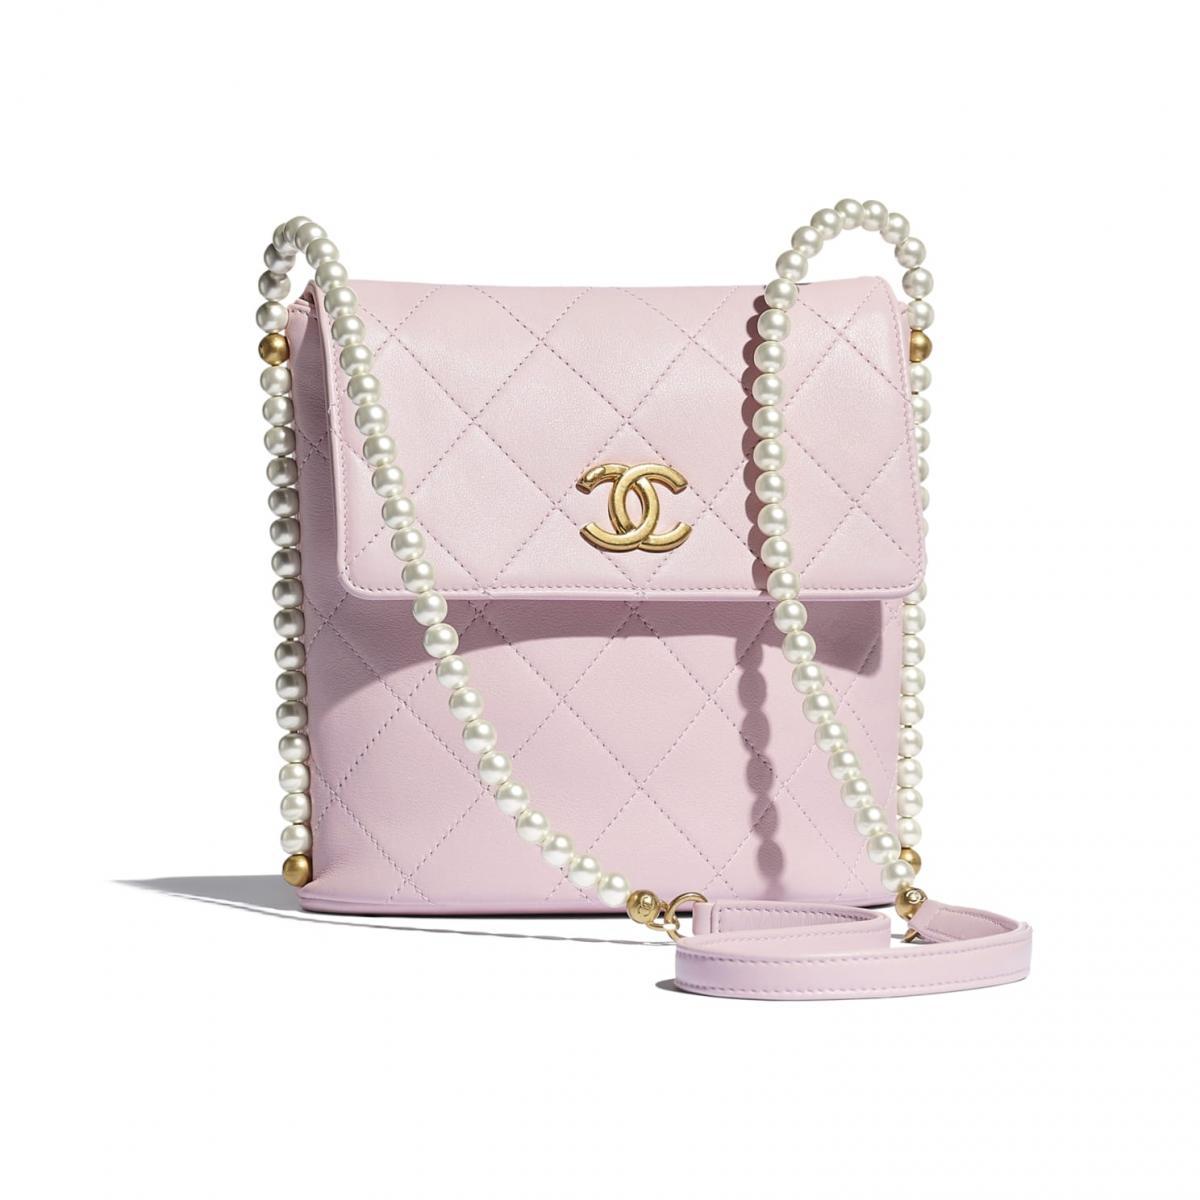 2021年Chanel春夏包包「寶寶粉」推薦這8款!水桶包、圓餅包 、零錢包 .....19口蓋包有錢不一定買的到-0